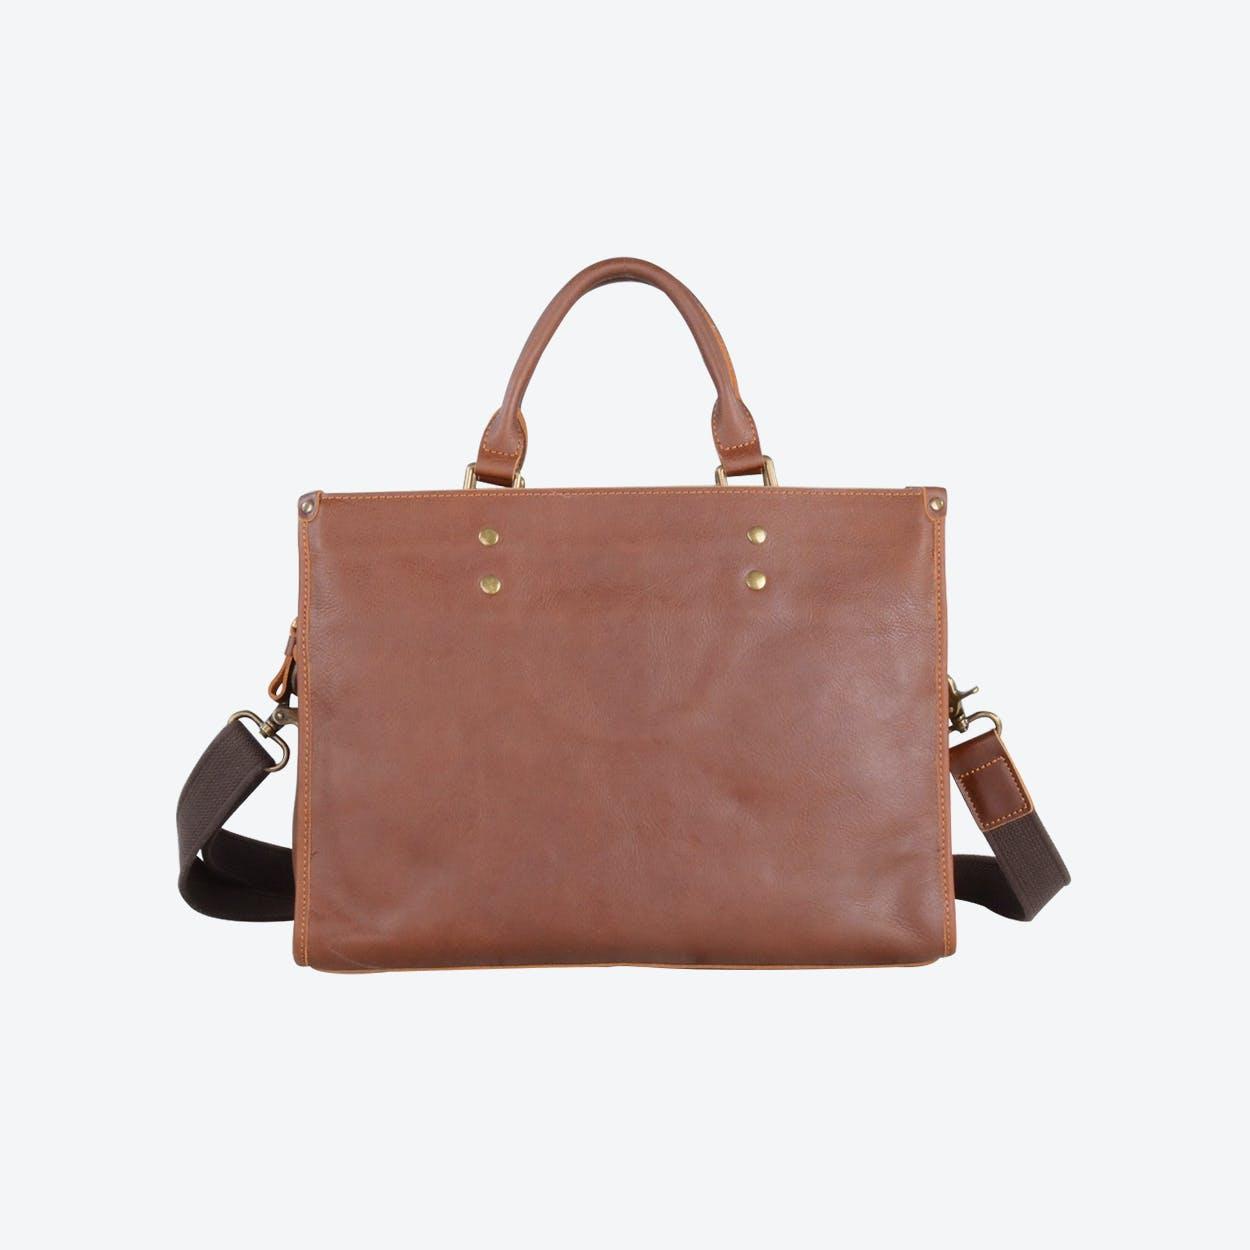 Handmade Leather Briefcase Vintage Look in Brown